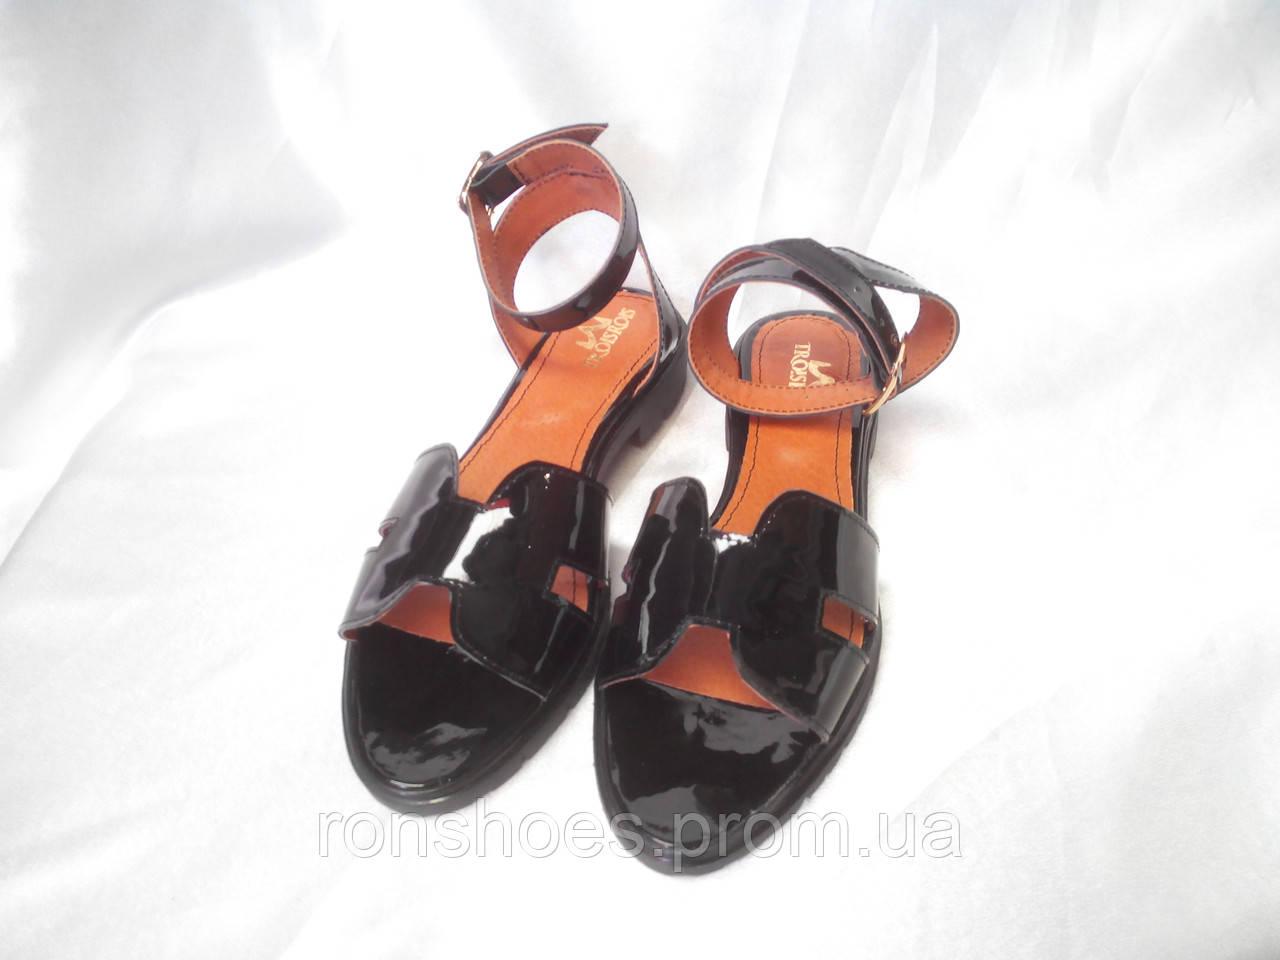 """Стильные летние комфортные Troisrois босоножки из натуральной турецкой кожи - """"RonShoes""""- интернет-магазин кожаной и комфортной обуви.  в Хмельницком"""